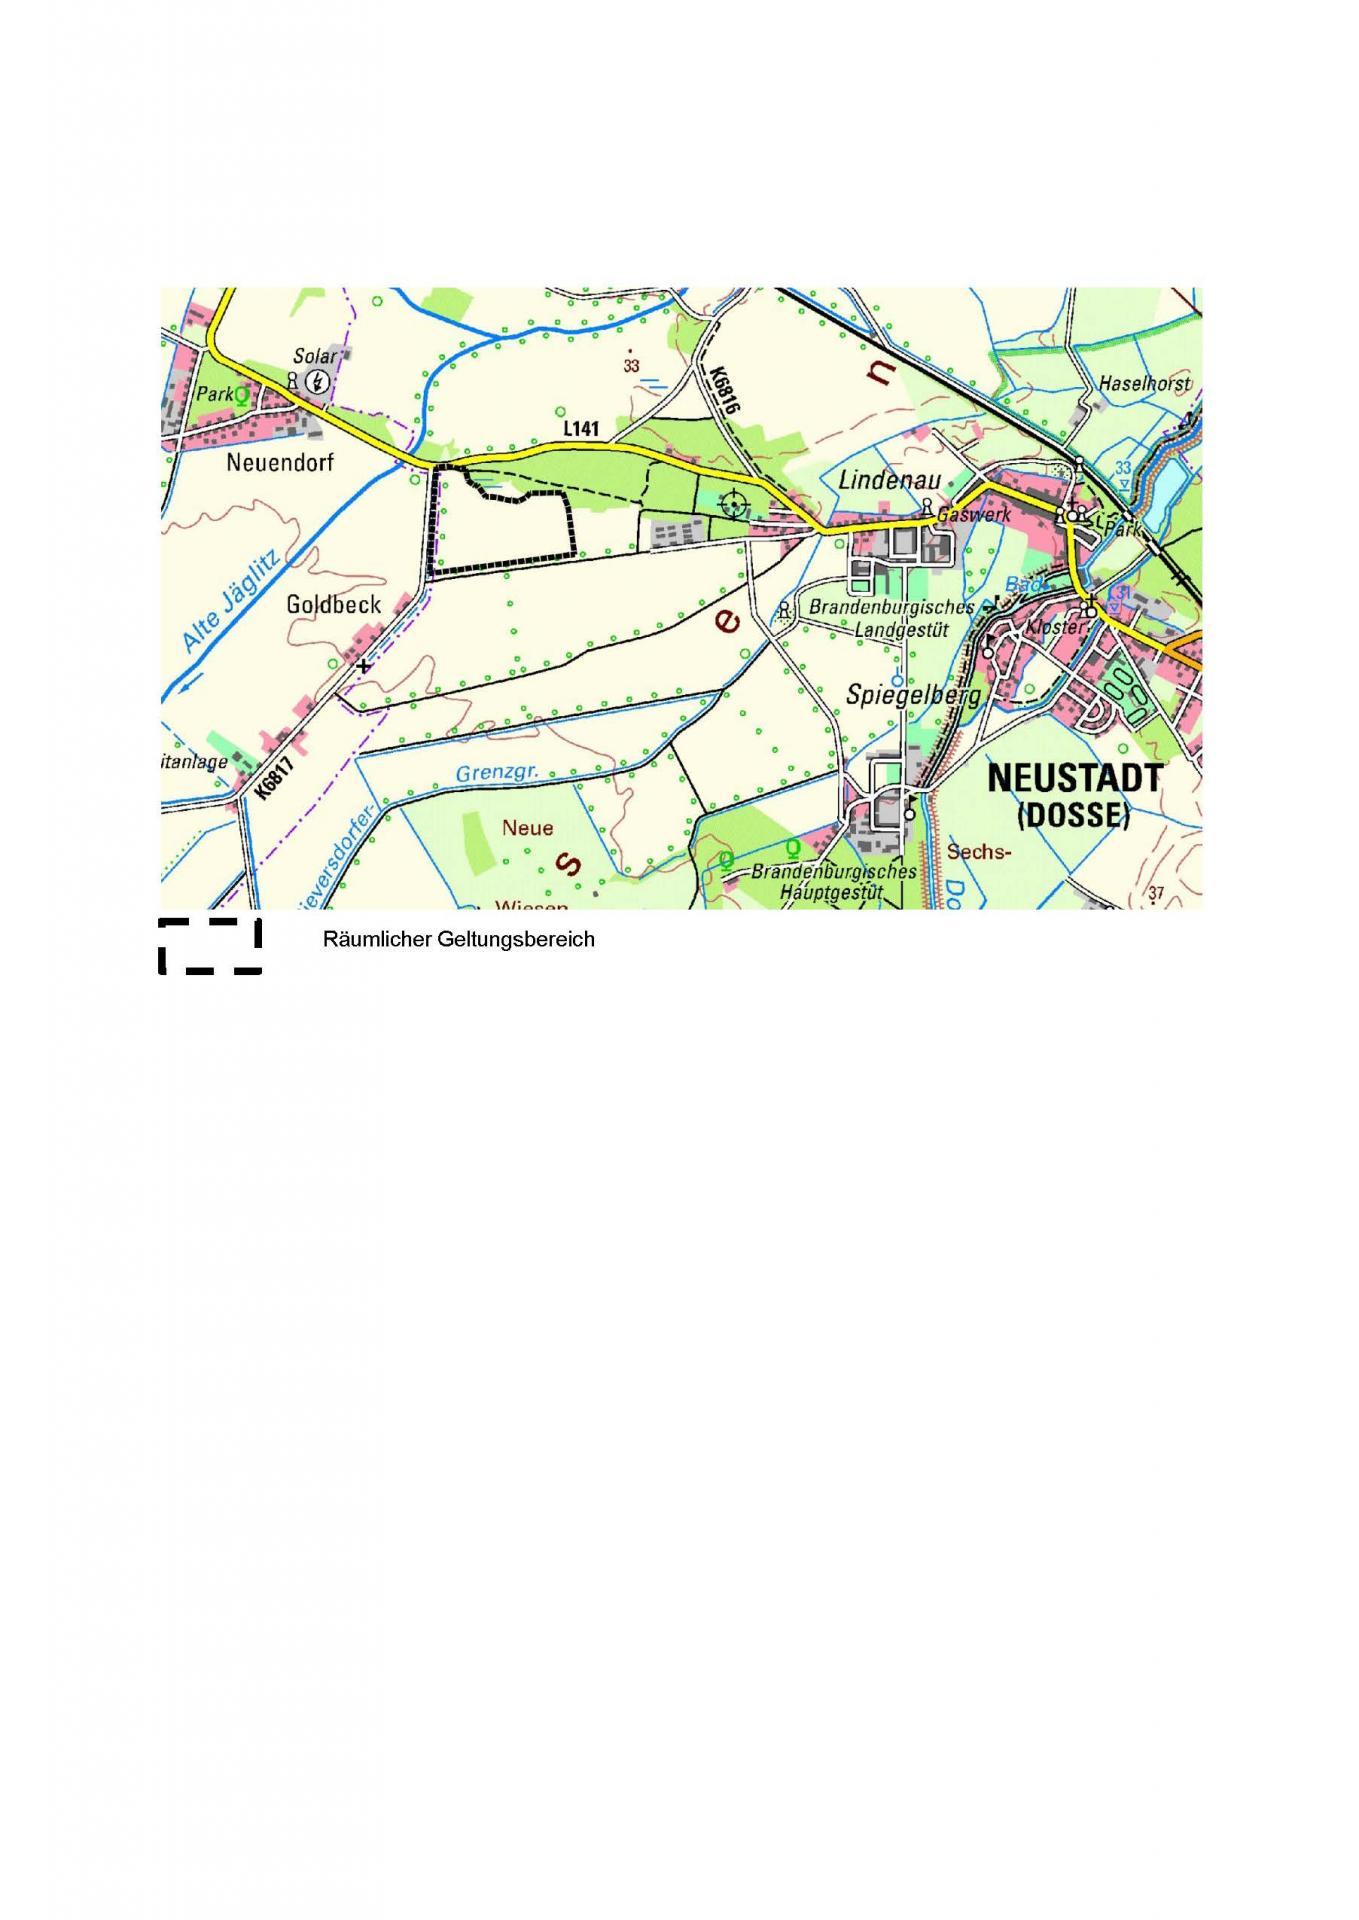 Räumlicher Geltungsbereich 5. Änderung FNP Stadt Neustadt (Dosse)